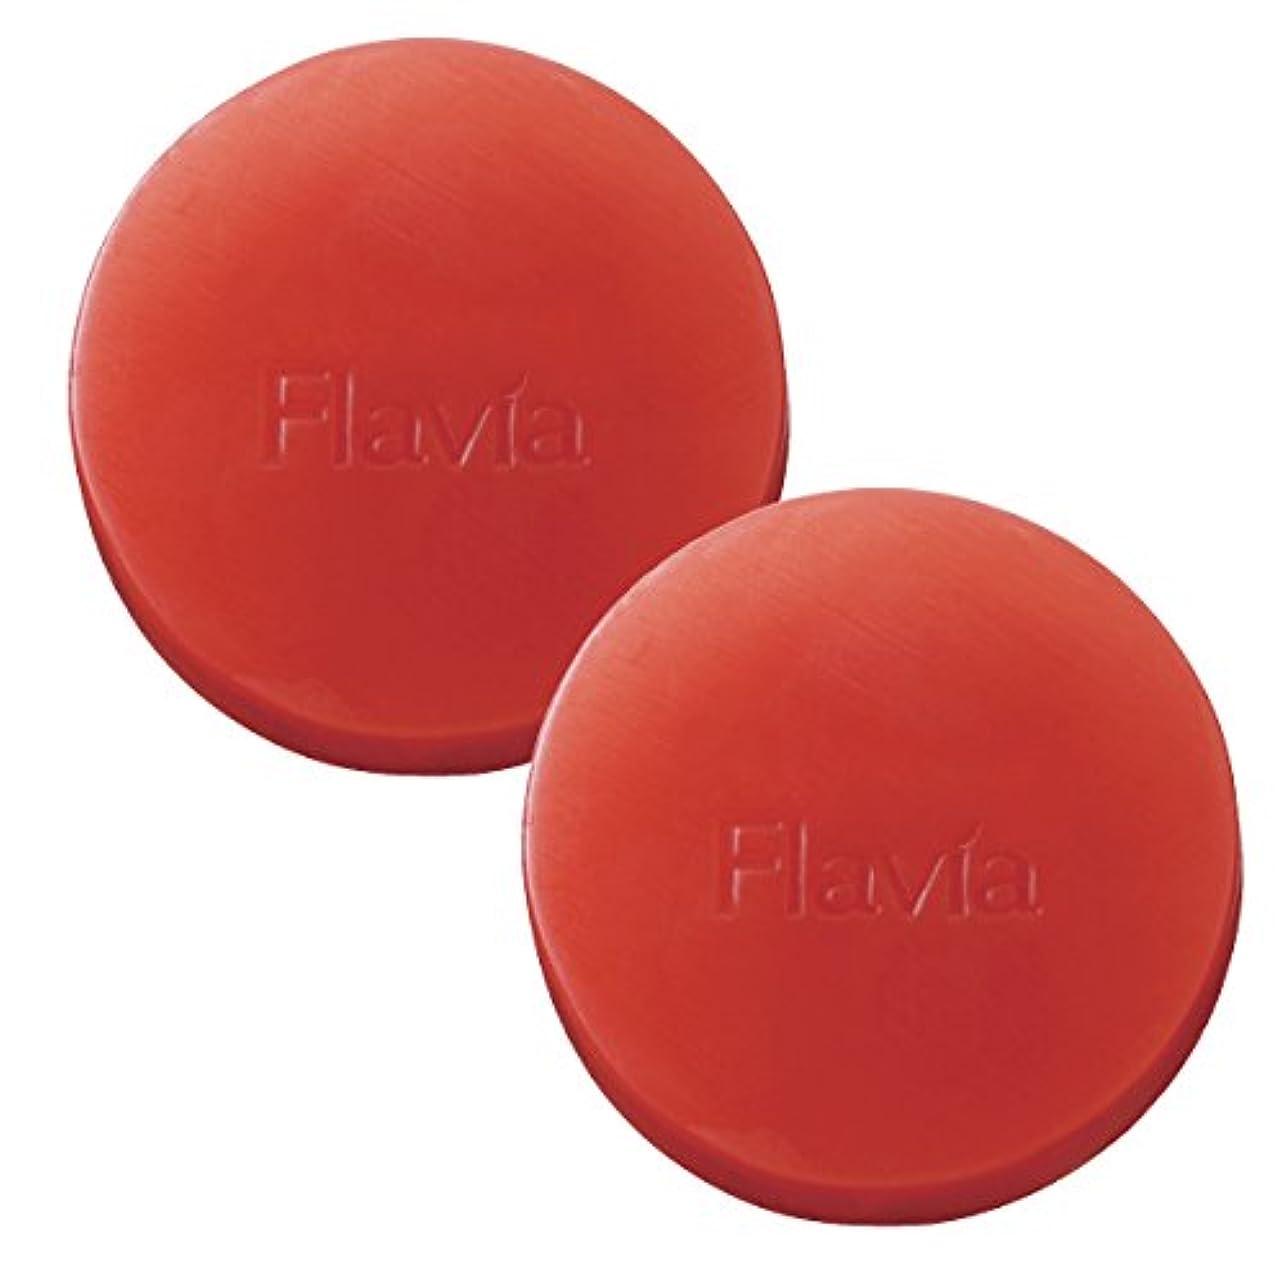 構成する撤退症状フォーマルクライン 薬用 フラビア ソープ 朝用 2個セット 洗顔 石けん